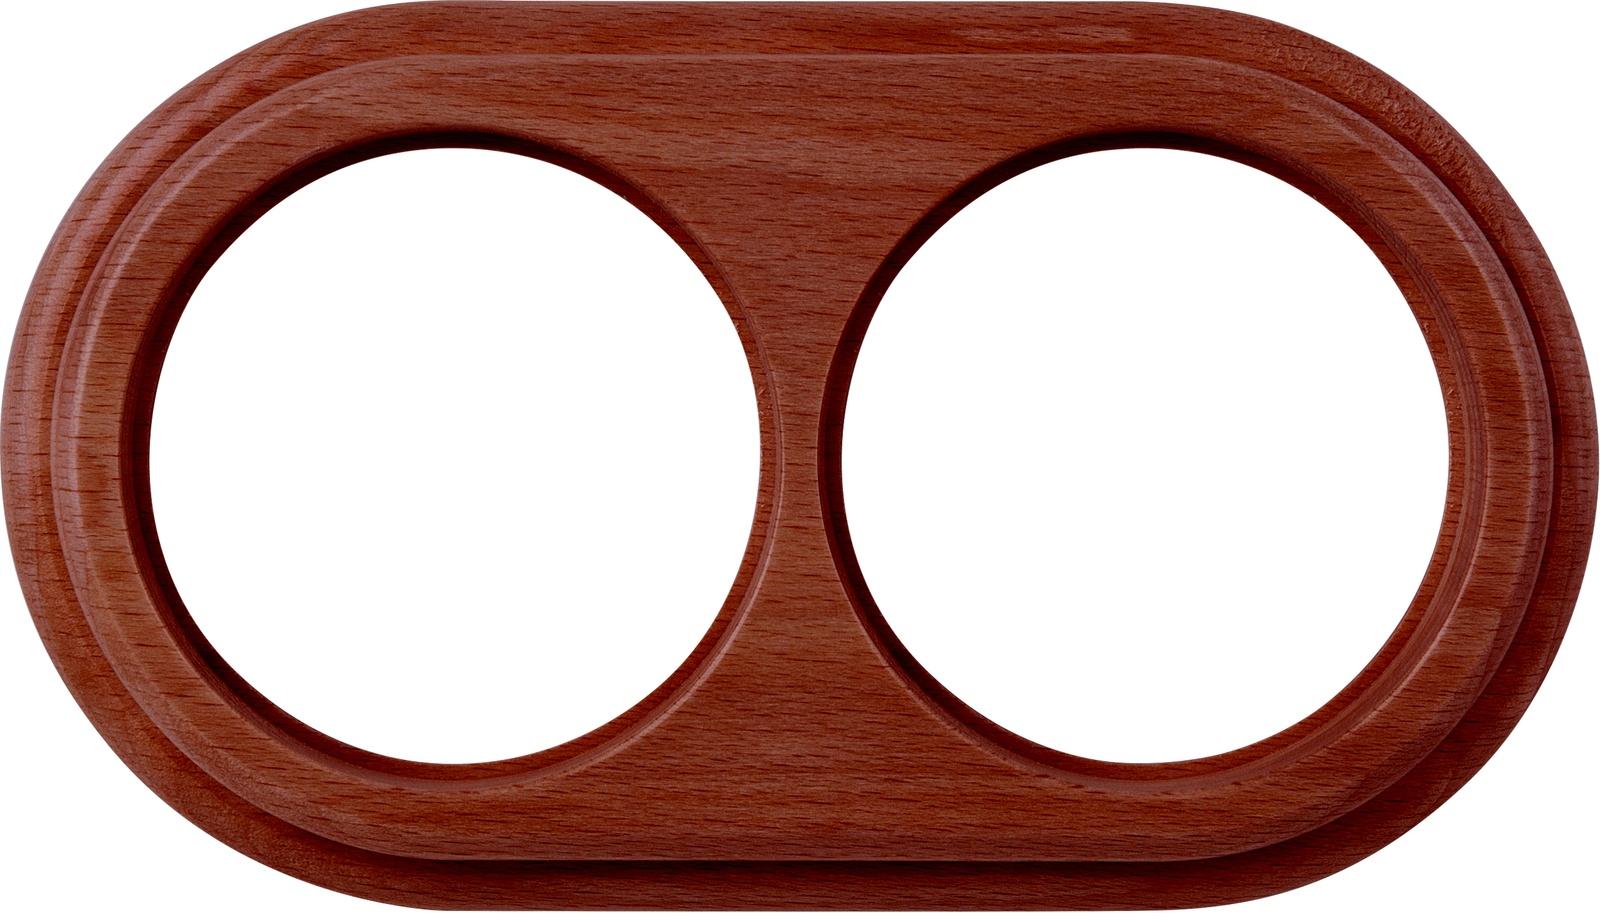 Рамка электроустановочная Werkel на 2 поста итальянский орех WL15-frame-02 коричнево-красный